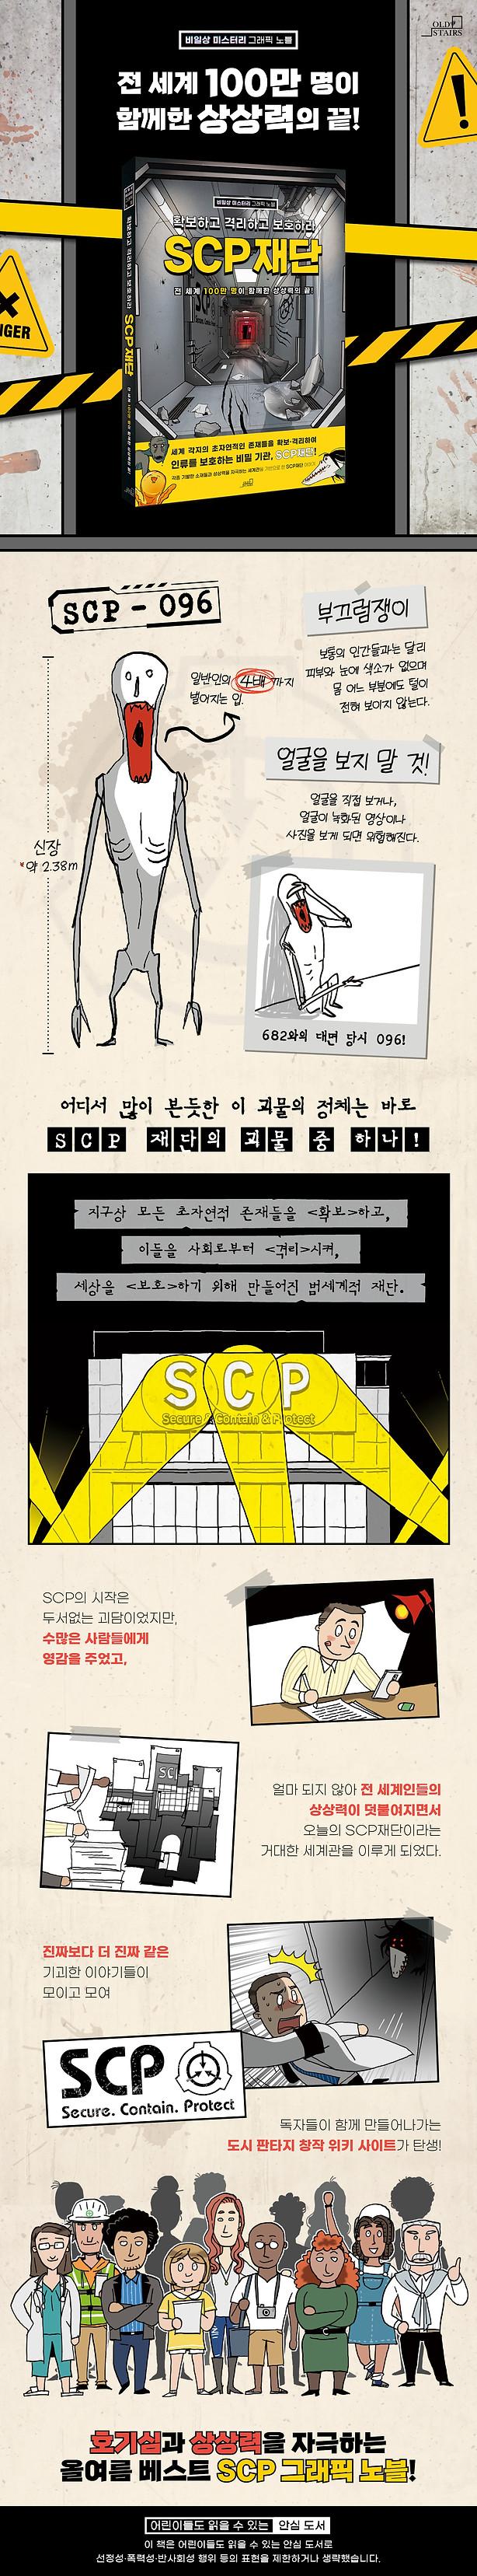 [상세페이지] SCP재단.jpg